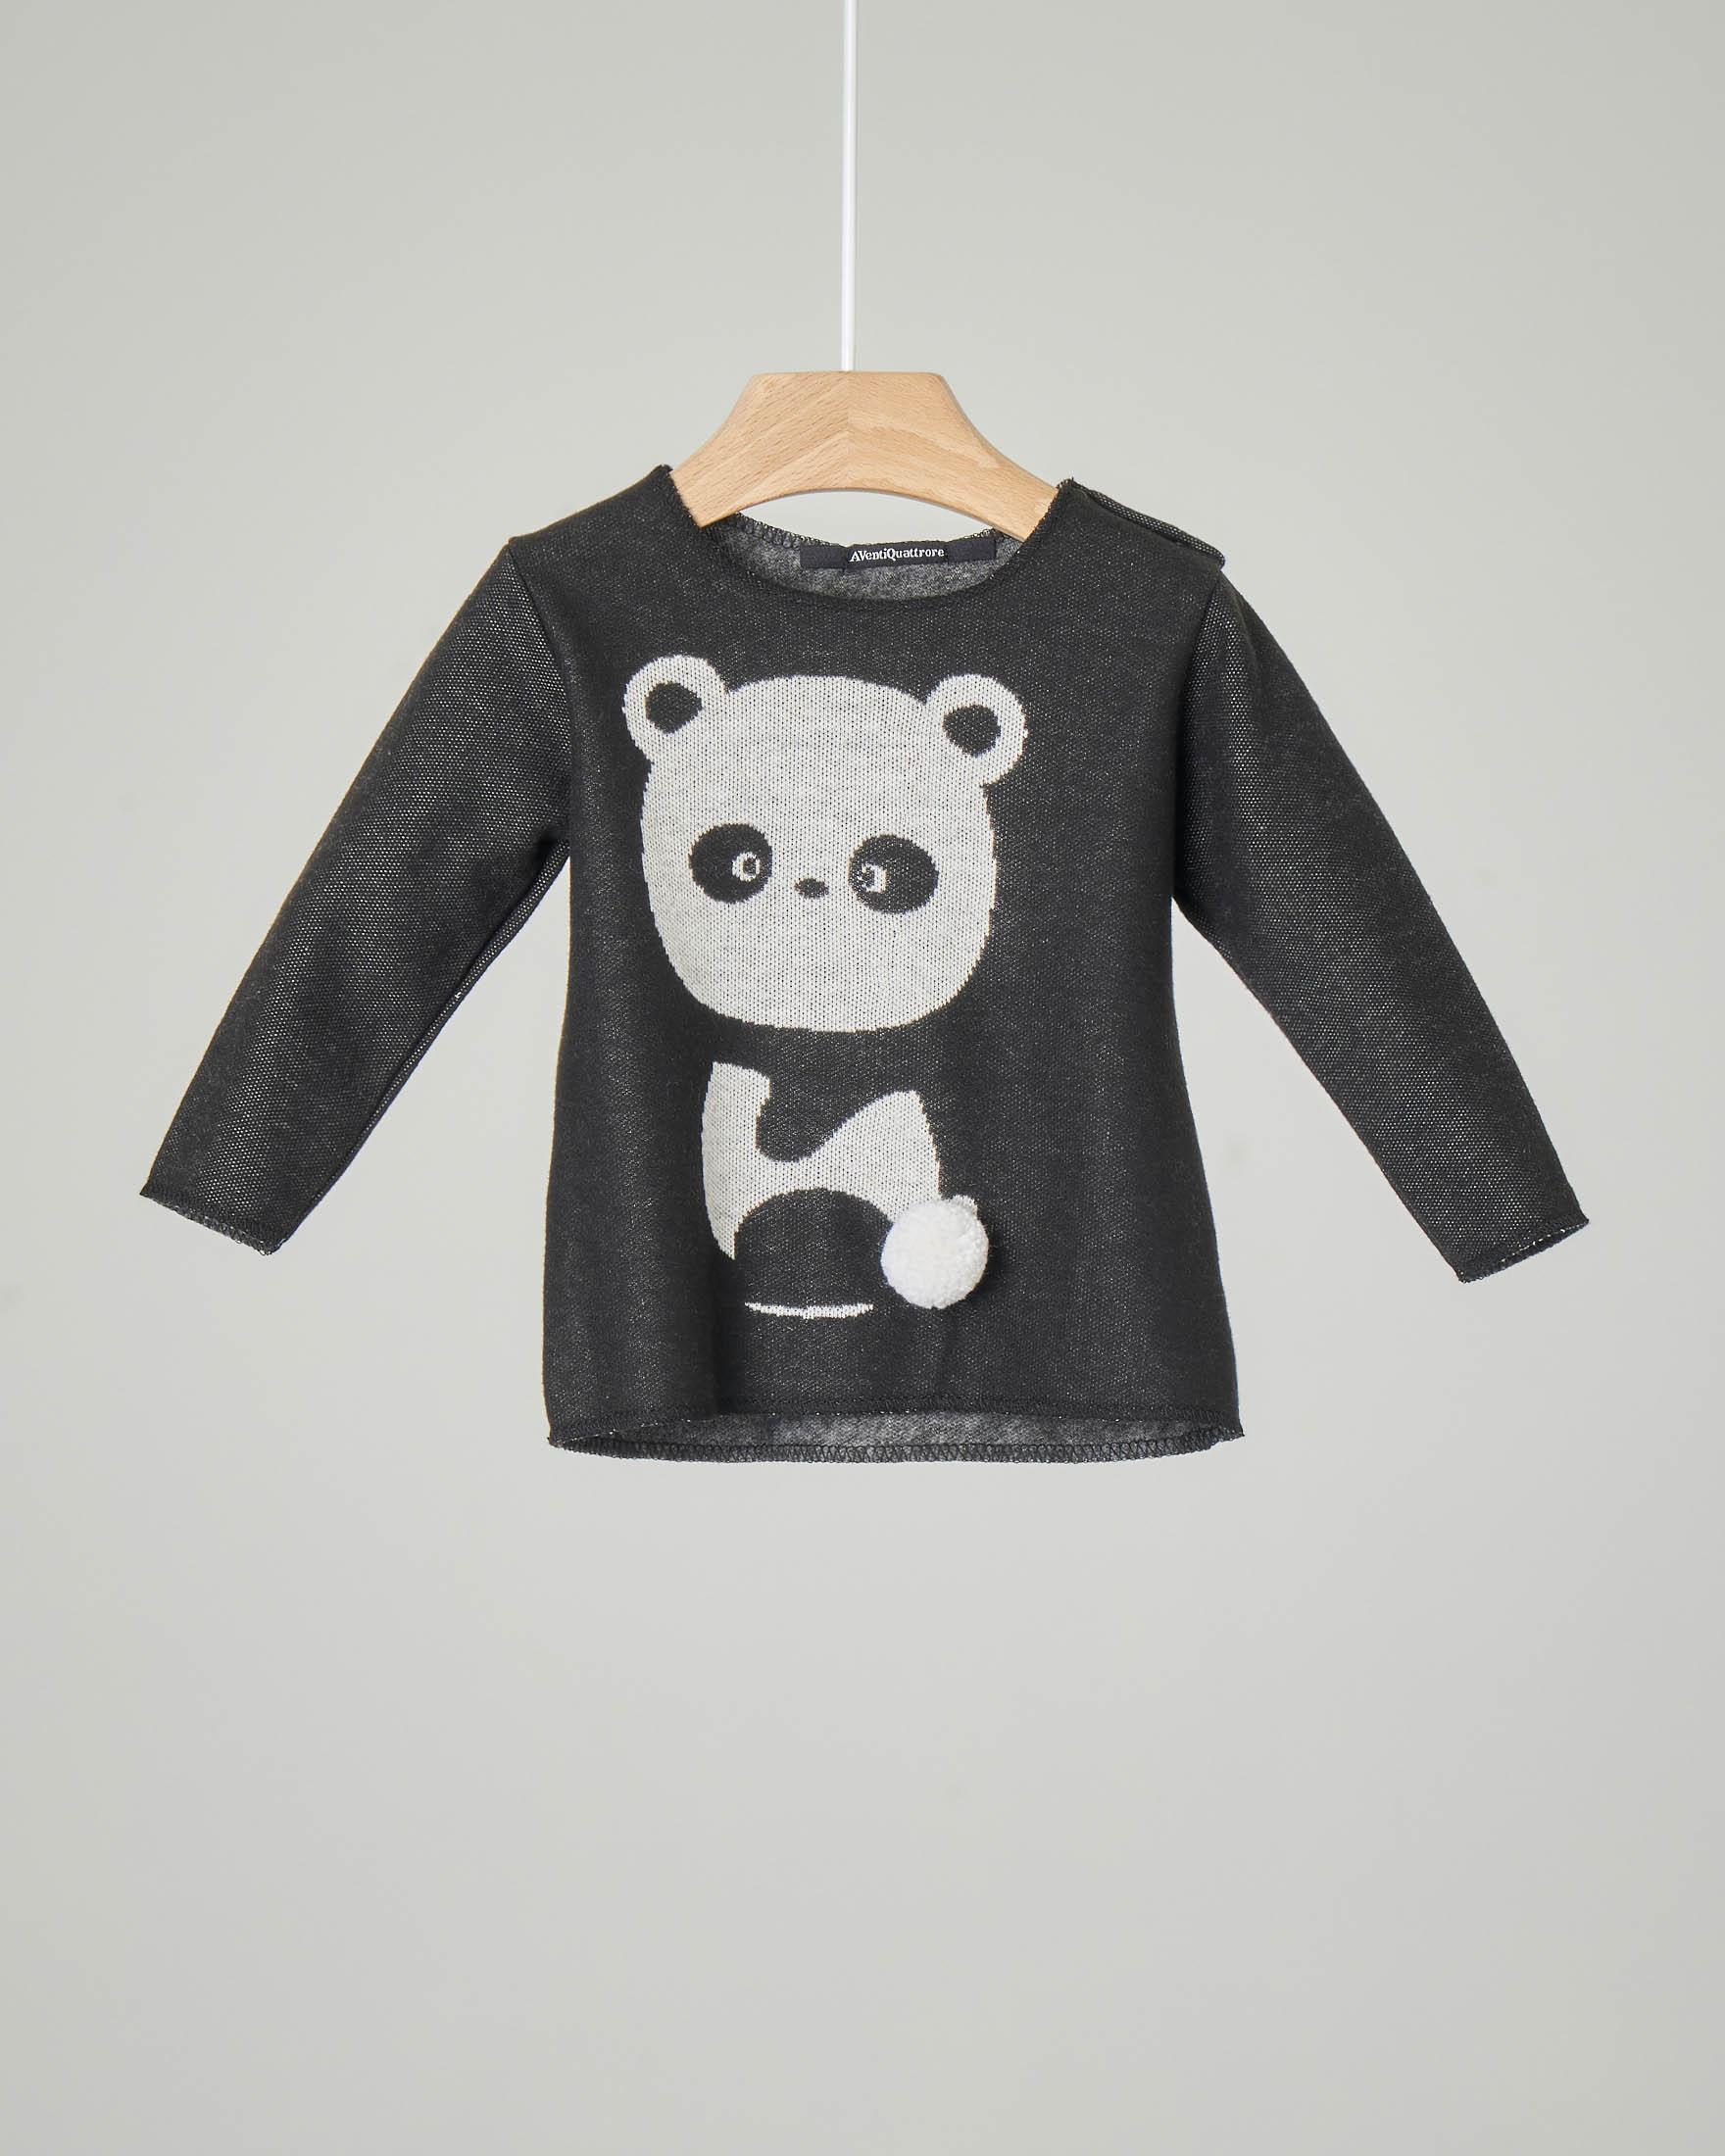 Felpa grigio antracite con stampa panda e pompon 3-12 mesi